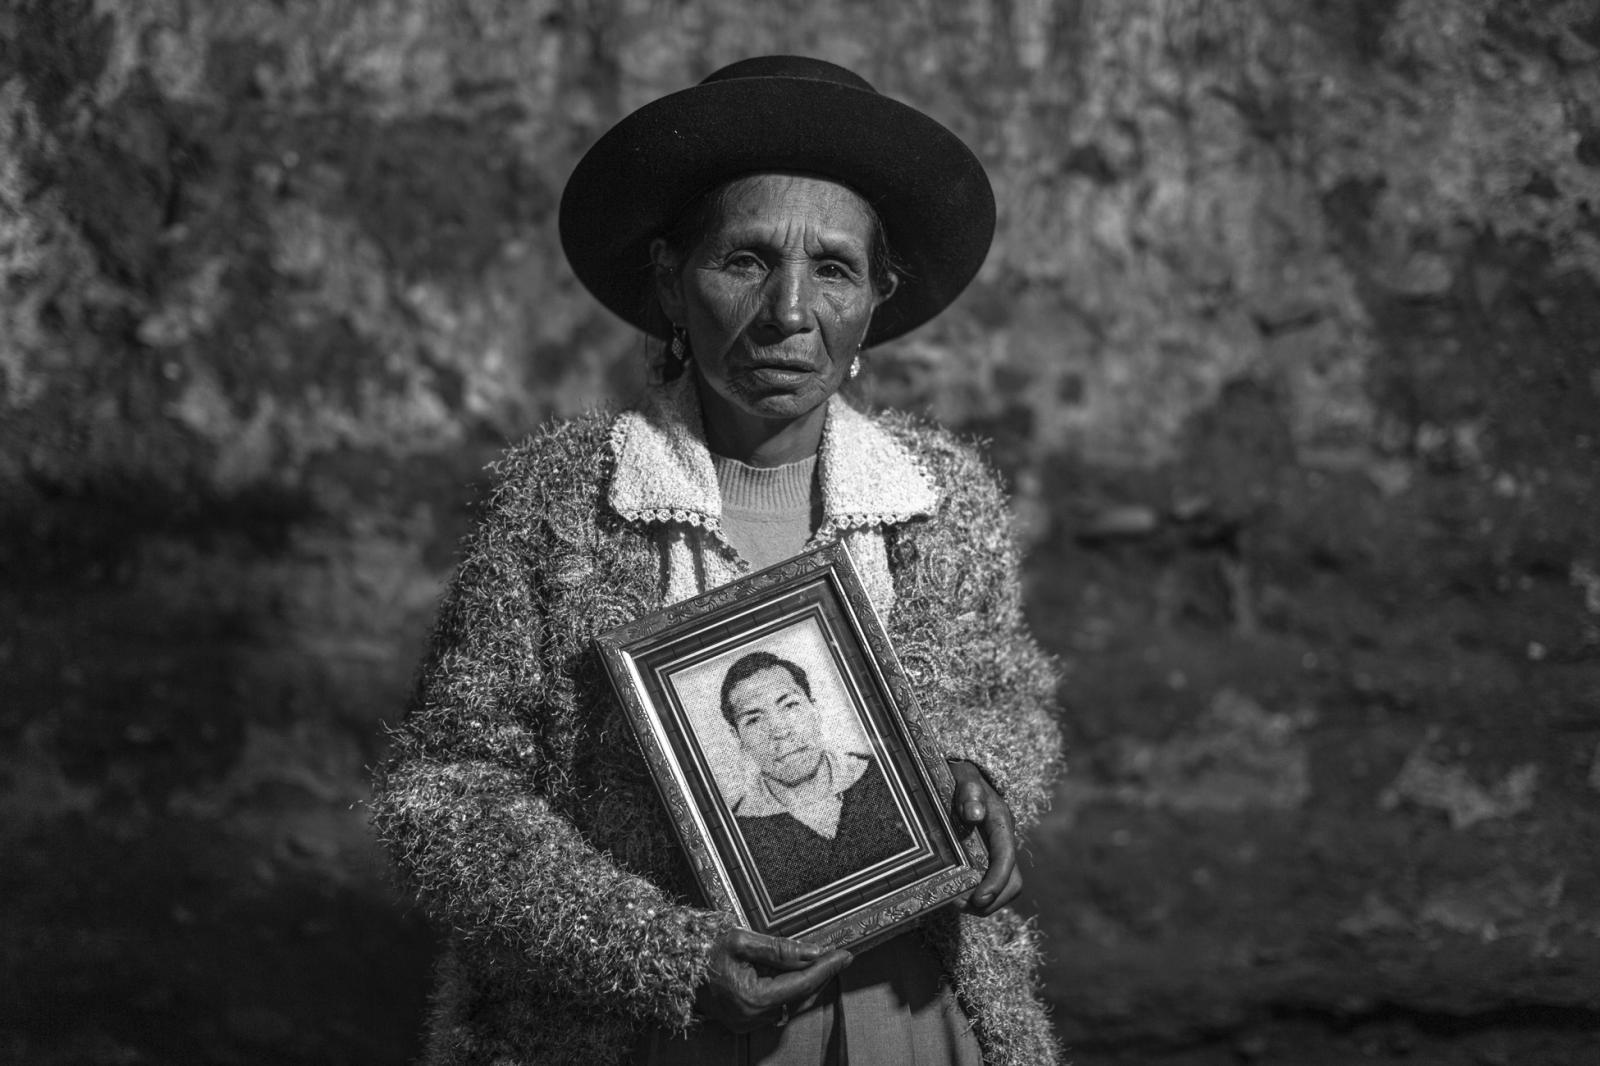 Clotilde Hilario Morán (67), quechuahablante y analfabeta, es la única hermana viva de Ramón (26). Cuando Ramón murió, ella estaba embarazada de su hija Maura, que nació dos meses después y a quién llevó pegada al pecho durante las primeras diligencias que los familiares hacían para exigir justicia. Hoy Maura tiene la misma edad que su lucha, y, desde que Clotilde enviudó, se ha convertido en su compañera en esta búsqueda de justicia.